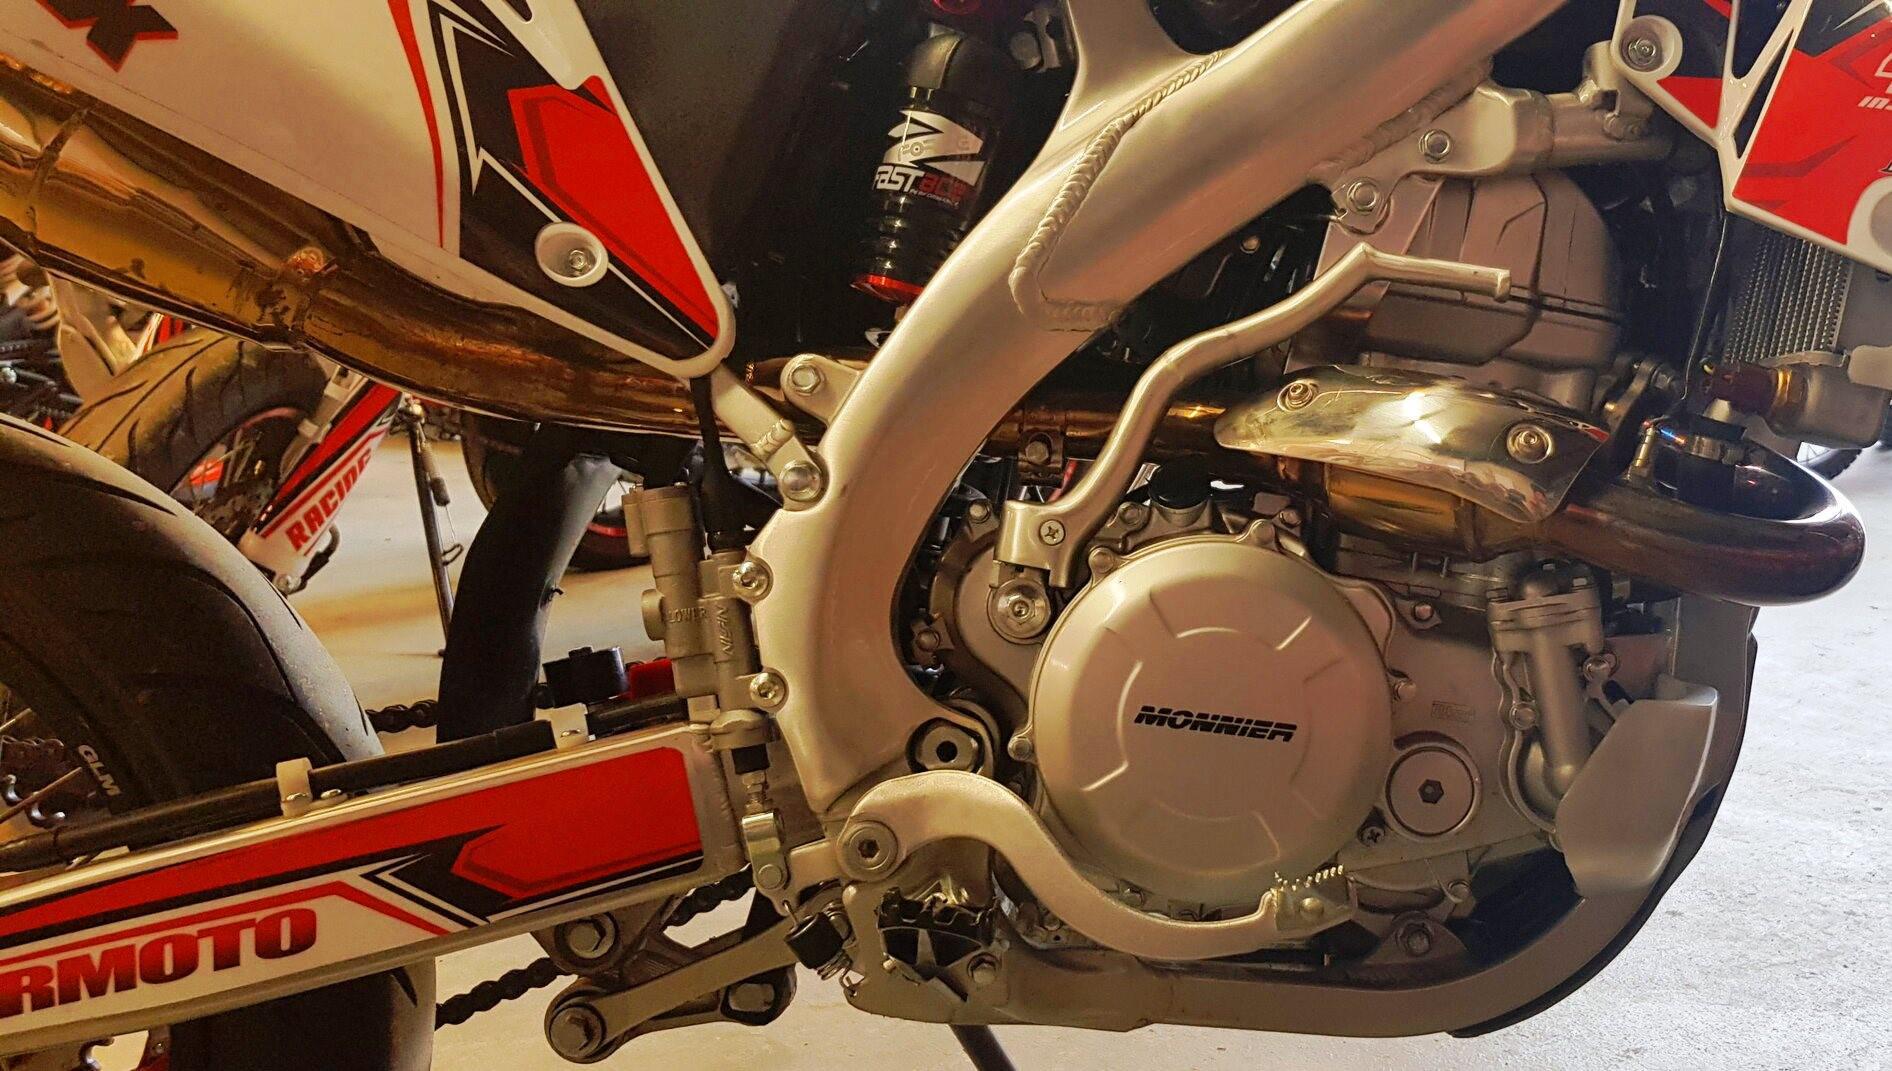 connaissez-vous-cette-marque-de-motos-1280-3.jpg